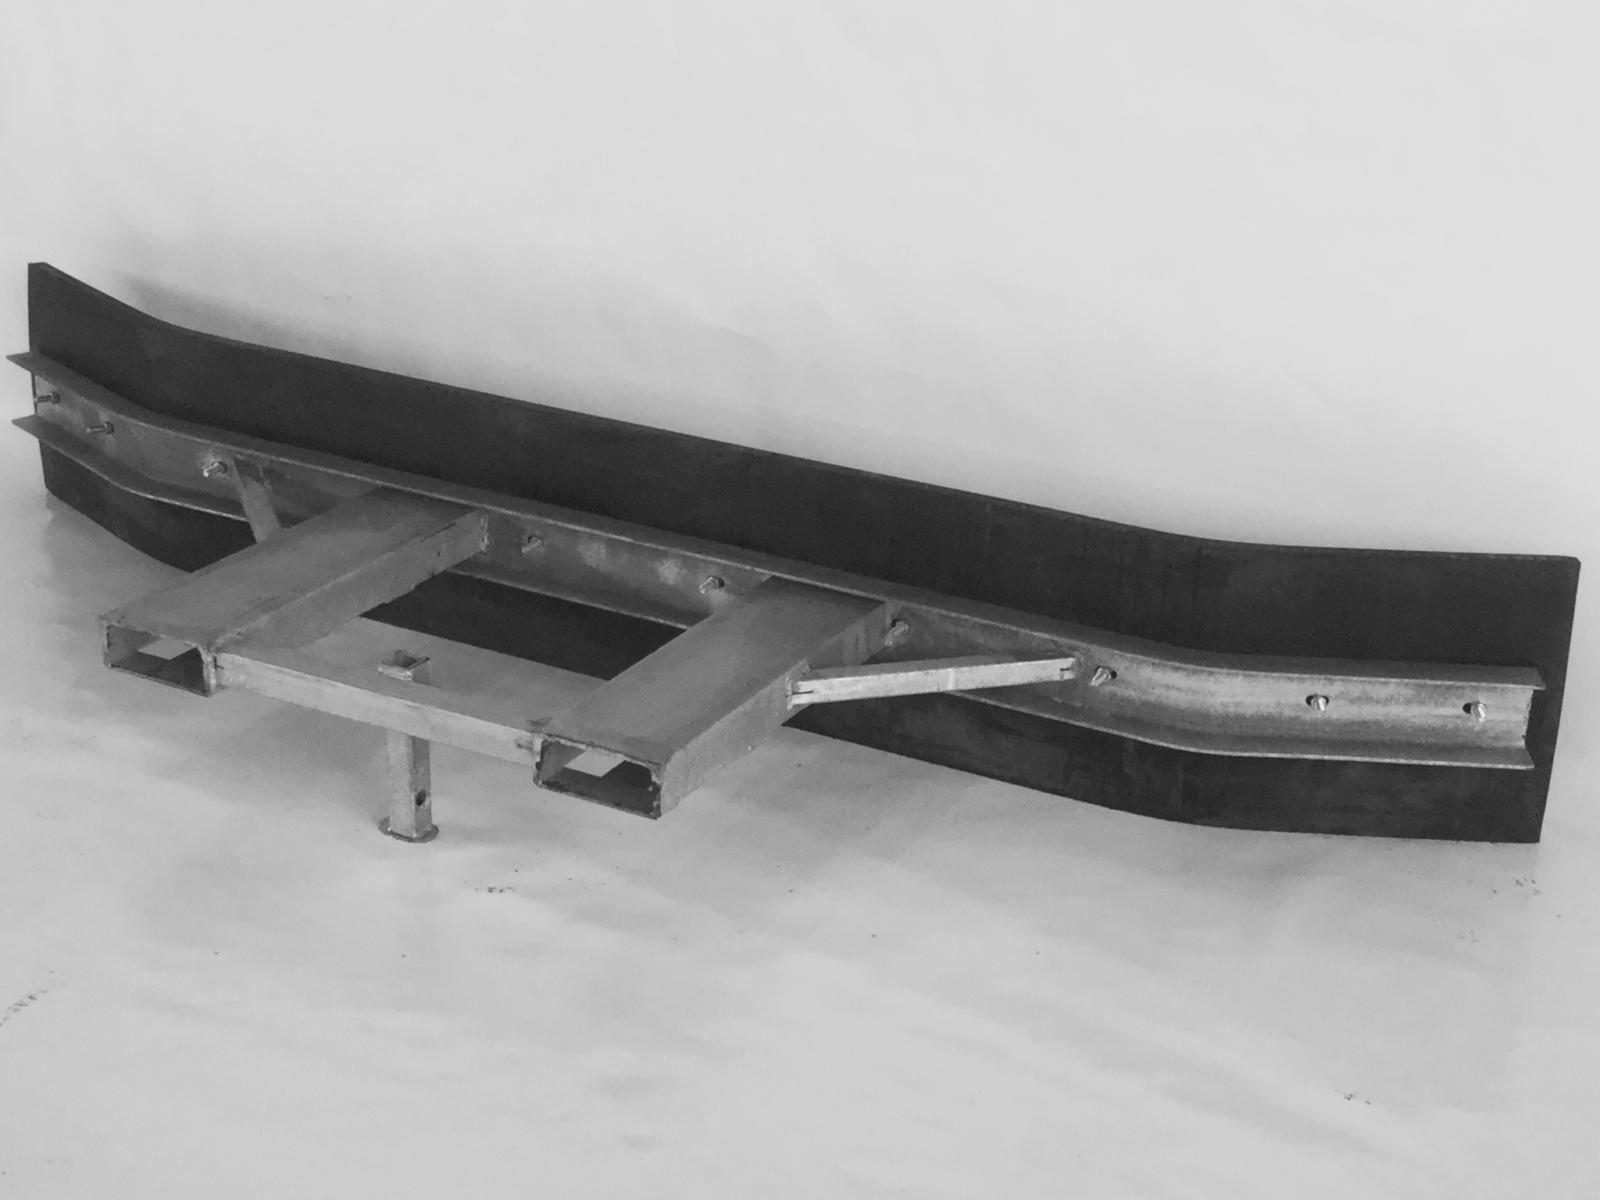 Rubberschuif heftruckaansluiting